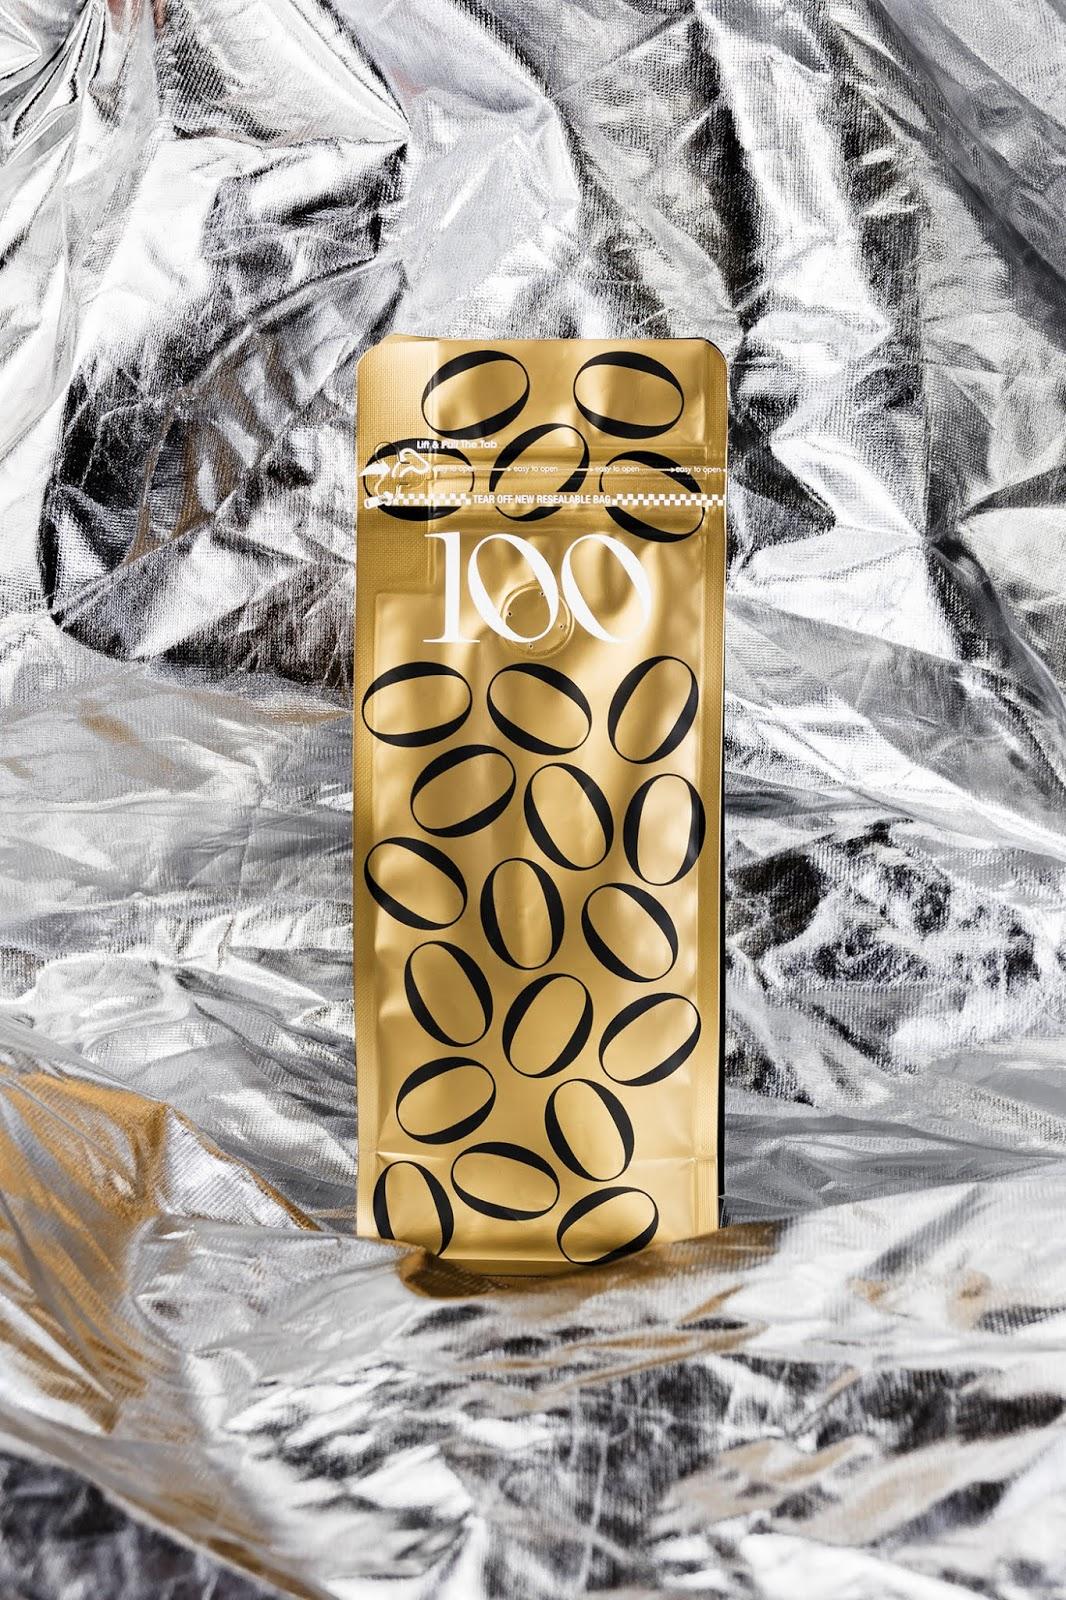 """Cafés el Magnífica :  """"100"""" (café : packaging collector pour les 100 ans de la marque) I Design : Requena Office, Barcelone, Espagne (juillet 2019)"""